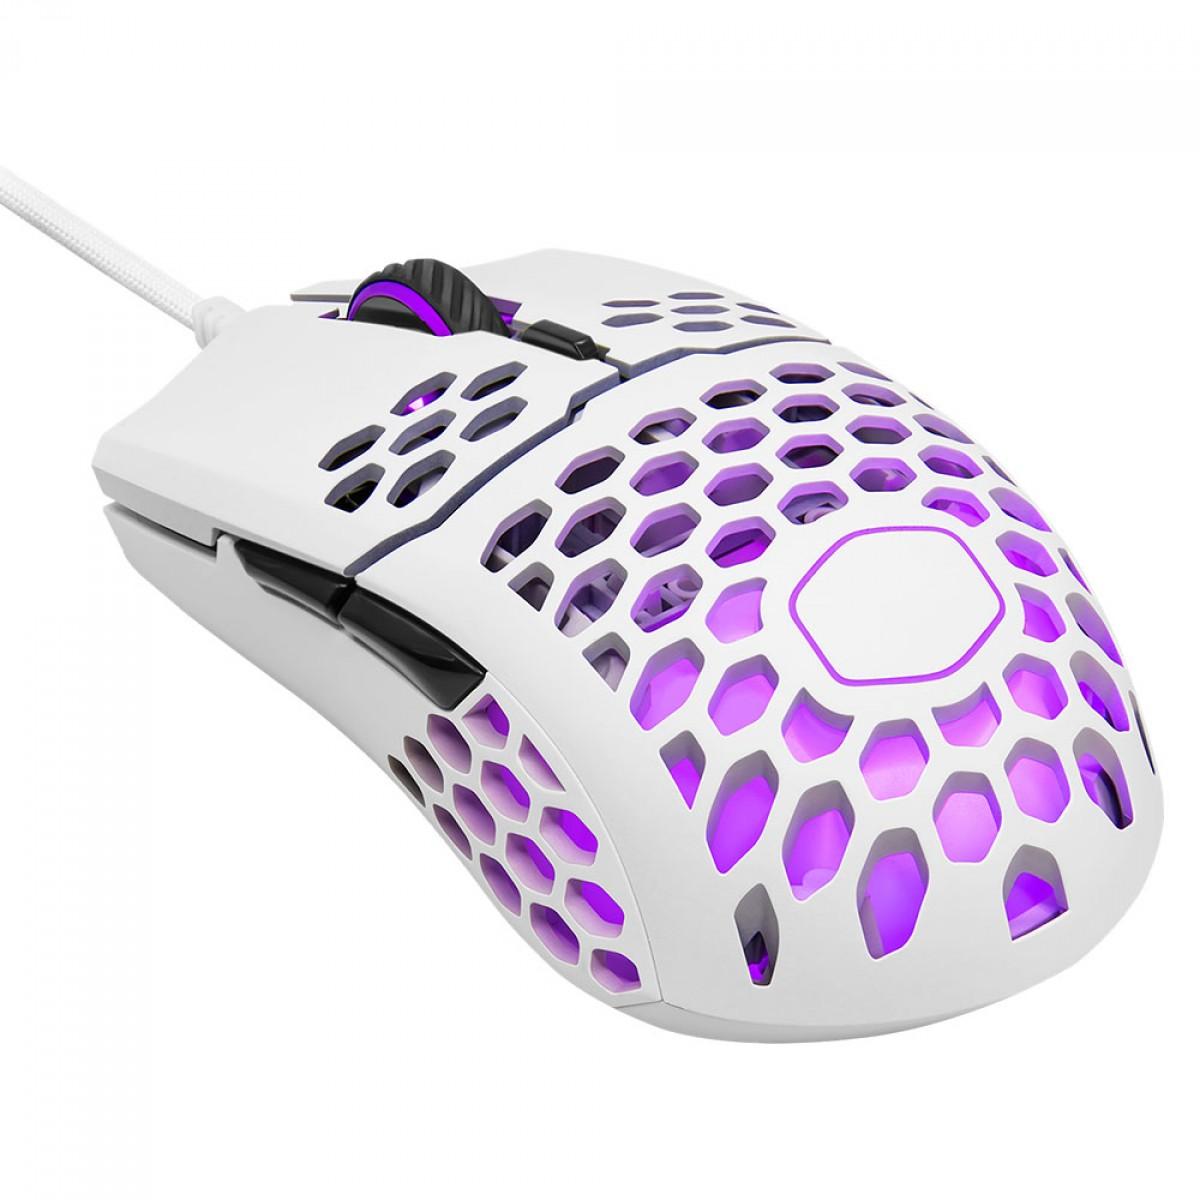 Mouse Gamer Cooler Master MM711, 16000 DPI, 6 Botões, RGB, Matte White, MM-711-WWOL1